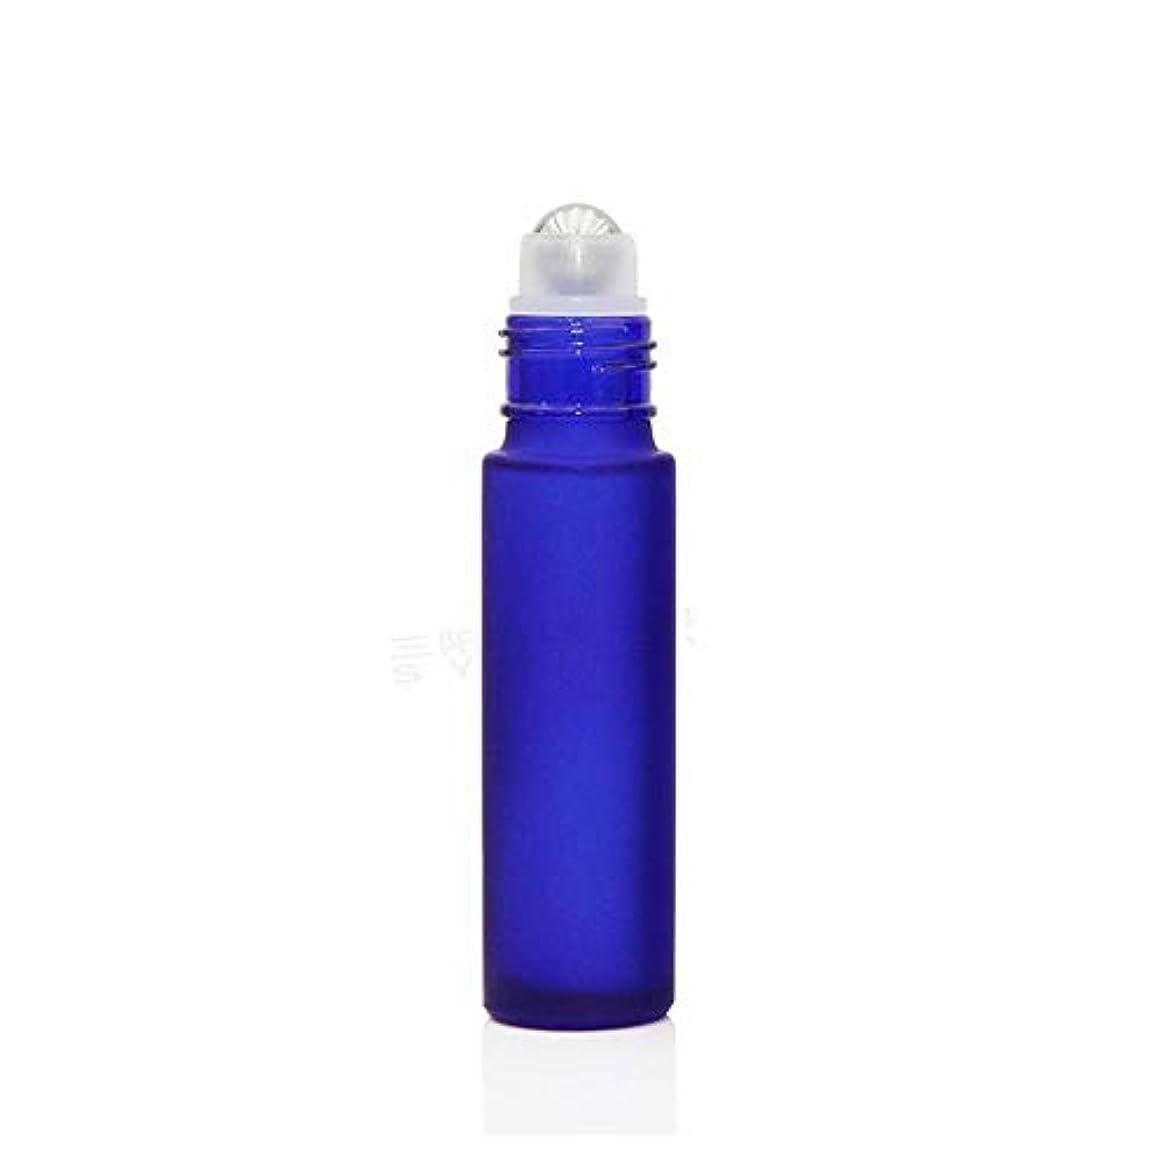 肘掛け椅子ポーンインチgundoop ロールオンボトル アロマオイル 精油 小分け用 遮光瓶 10ml 10本セット ガラスロールタイプ (ブルー)